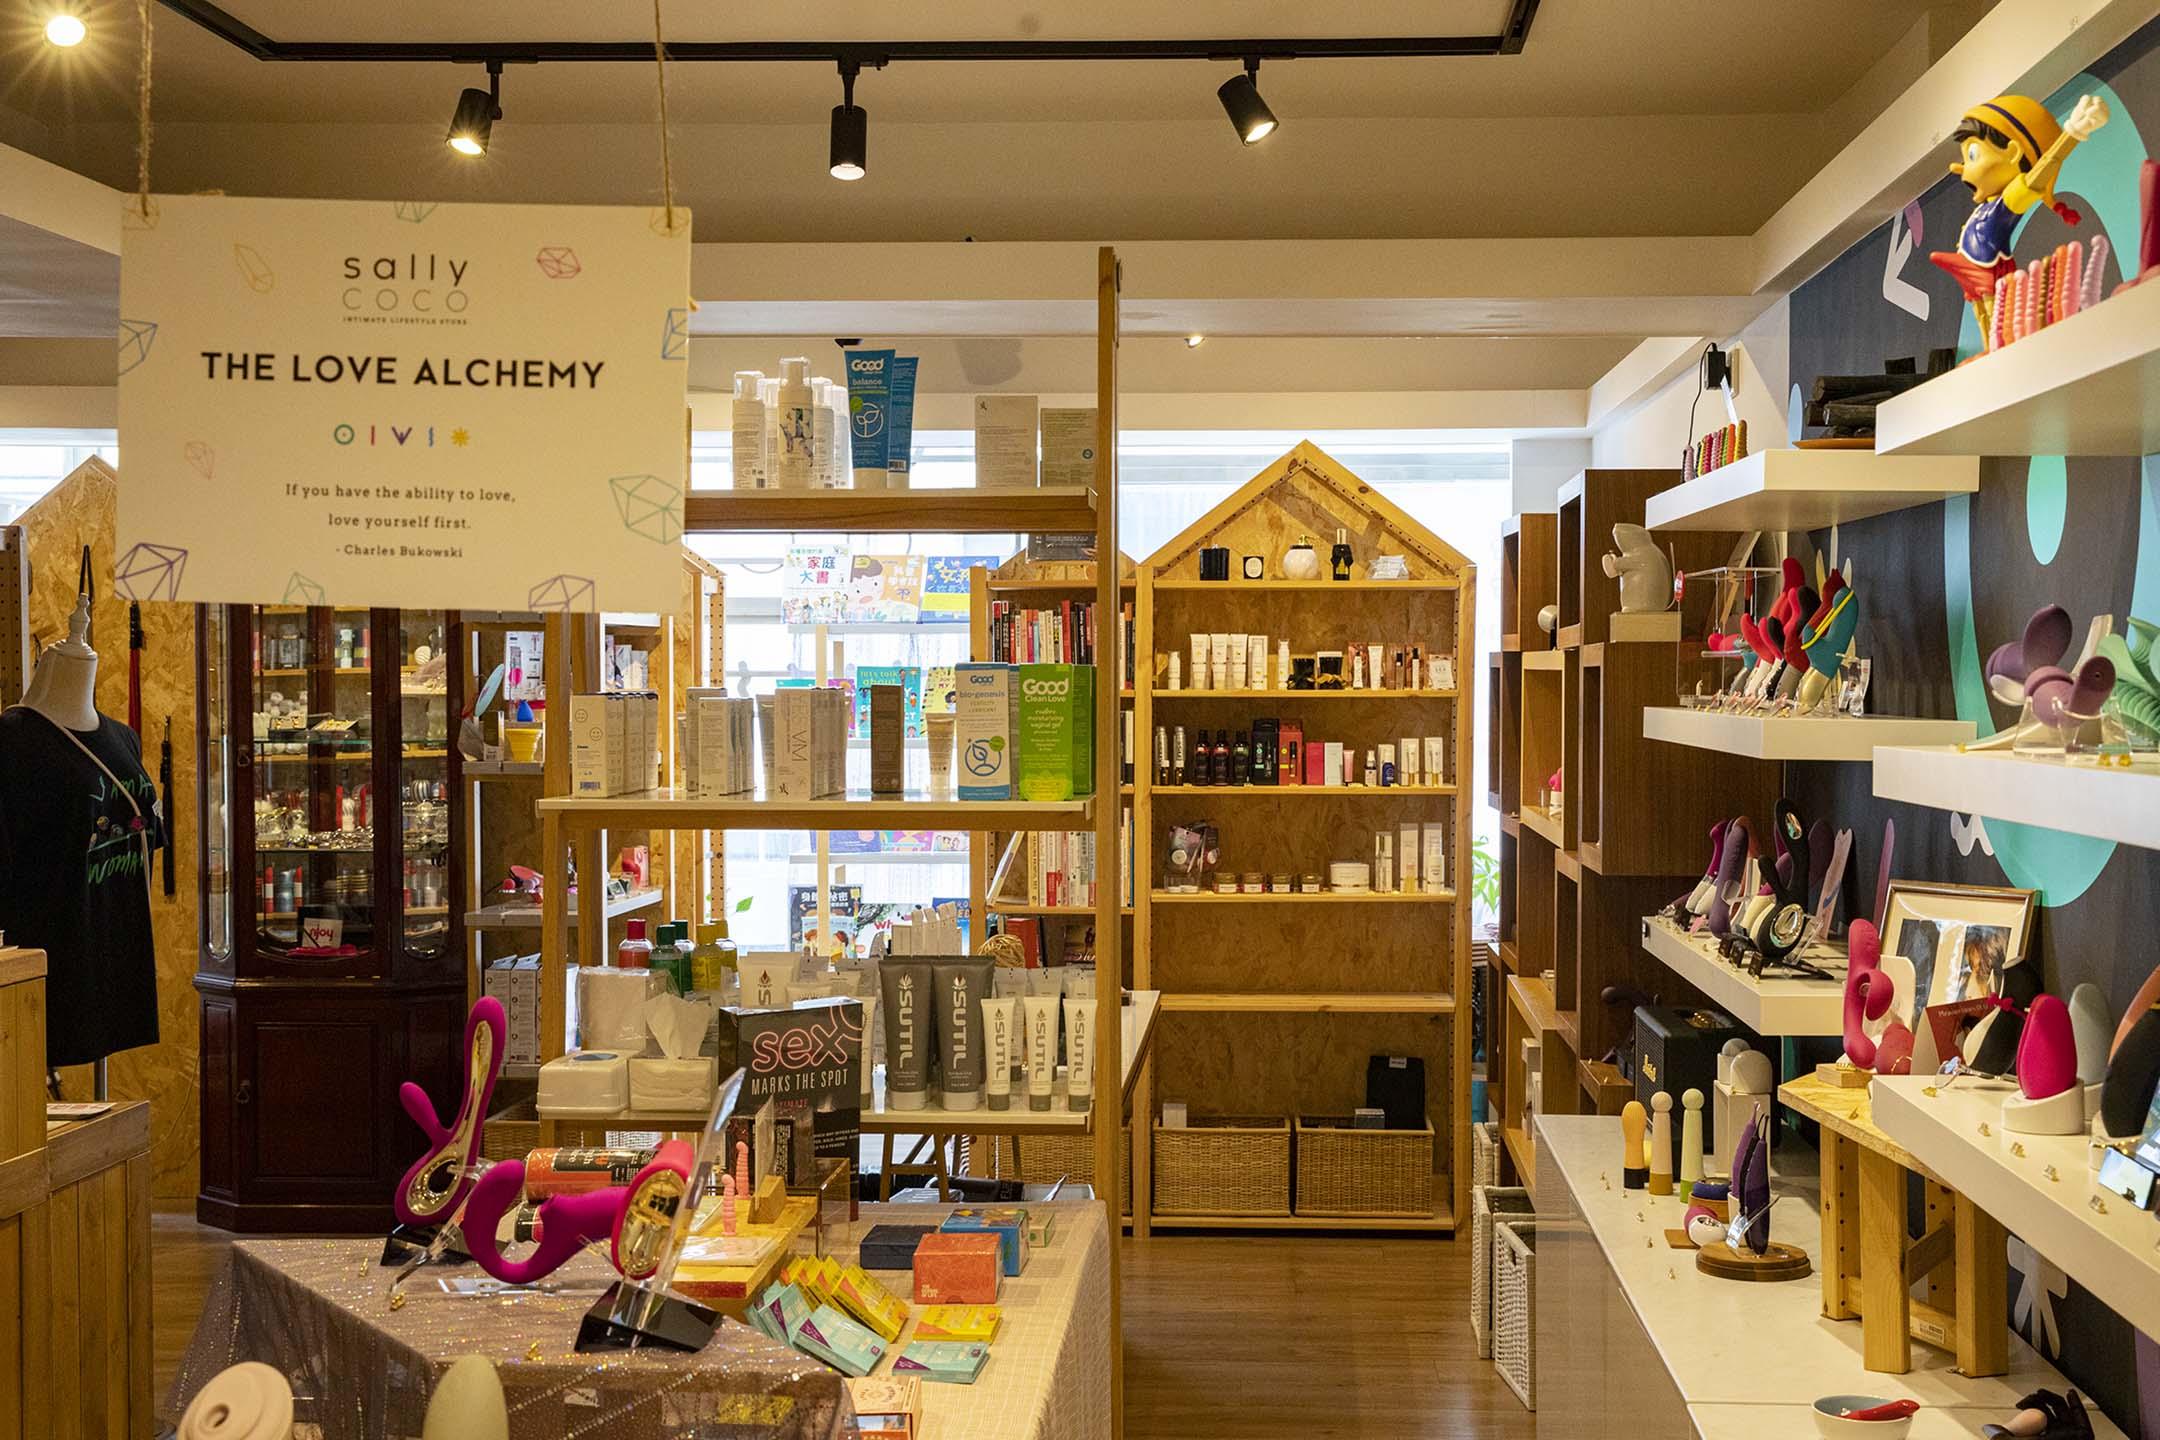 香港性用品連鎖品牌Sally Coco的店舖。